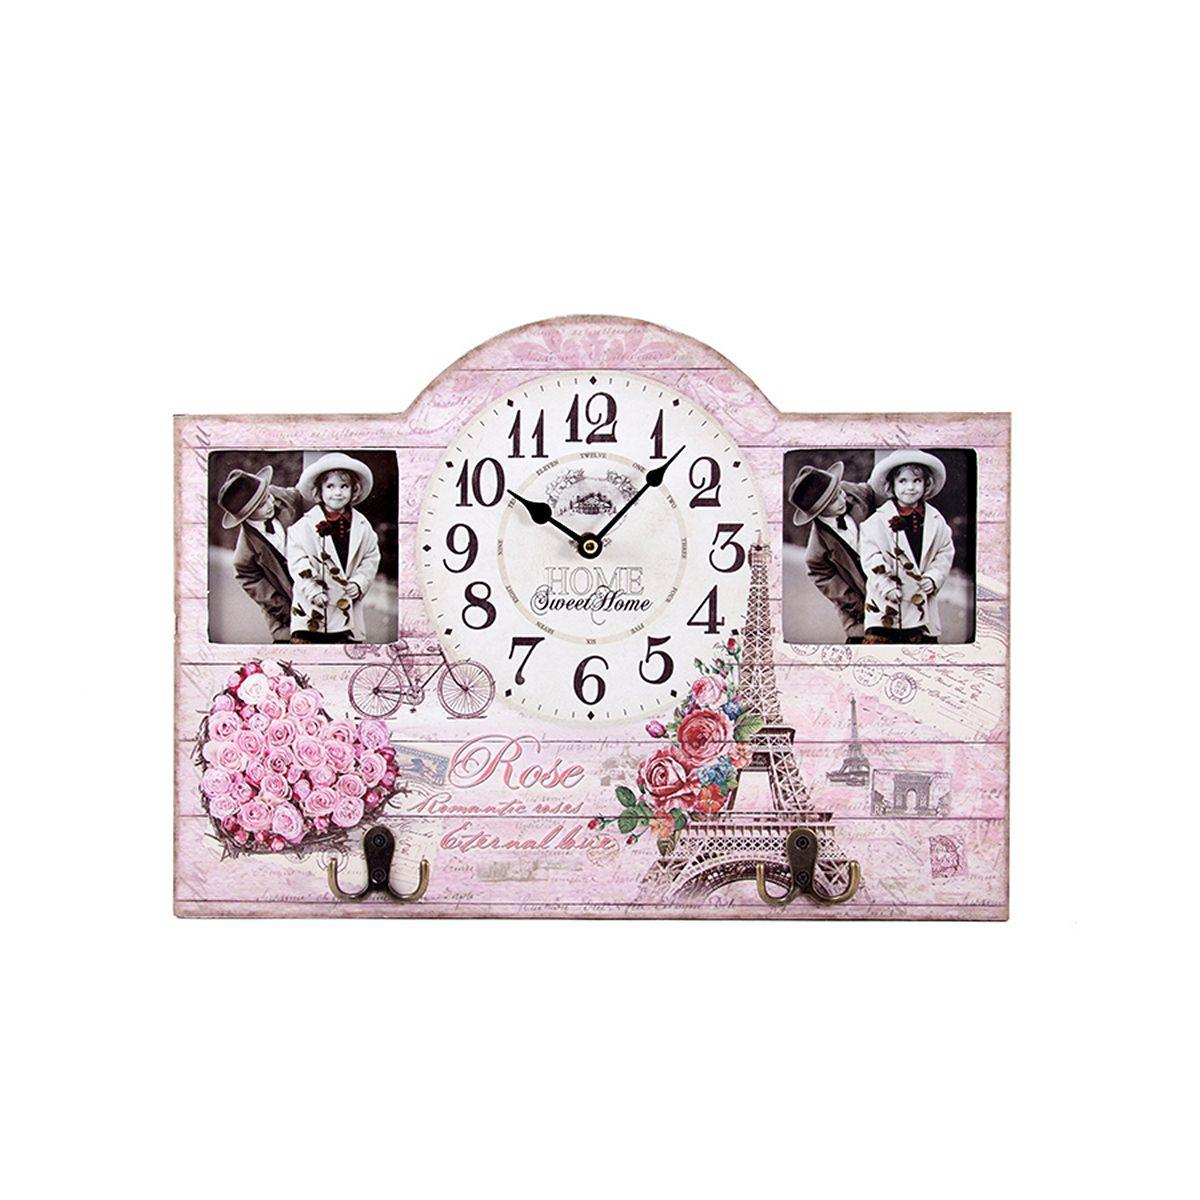 Часы настенные Русские Подарки Париж, 45 х 5 х 32 см. 2963229632Настенные кварцевые часы Русские Подарки Париж изготовлены из МДФ. Корпус оформлен изображением цветов и Эйфелевой башни, а также украшен вставками с изображением детей. Корпус часов имеет два металлических крючка, на которые можно повесить ключи или прочие мелочи. Часы имеют две стрелки - часовую и минутную. С обратной стороны имеется петелька для подвешивания на стену. Изящные часы красиво и оригинально оформят интерьер дома или офиса. Также часы могут стать уникальным, полезным подарком для родственников, коллег, знакомых и близких.Часы работают от батареек типа АА (в комплект не входят).